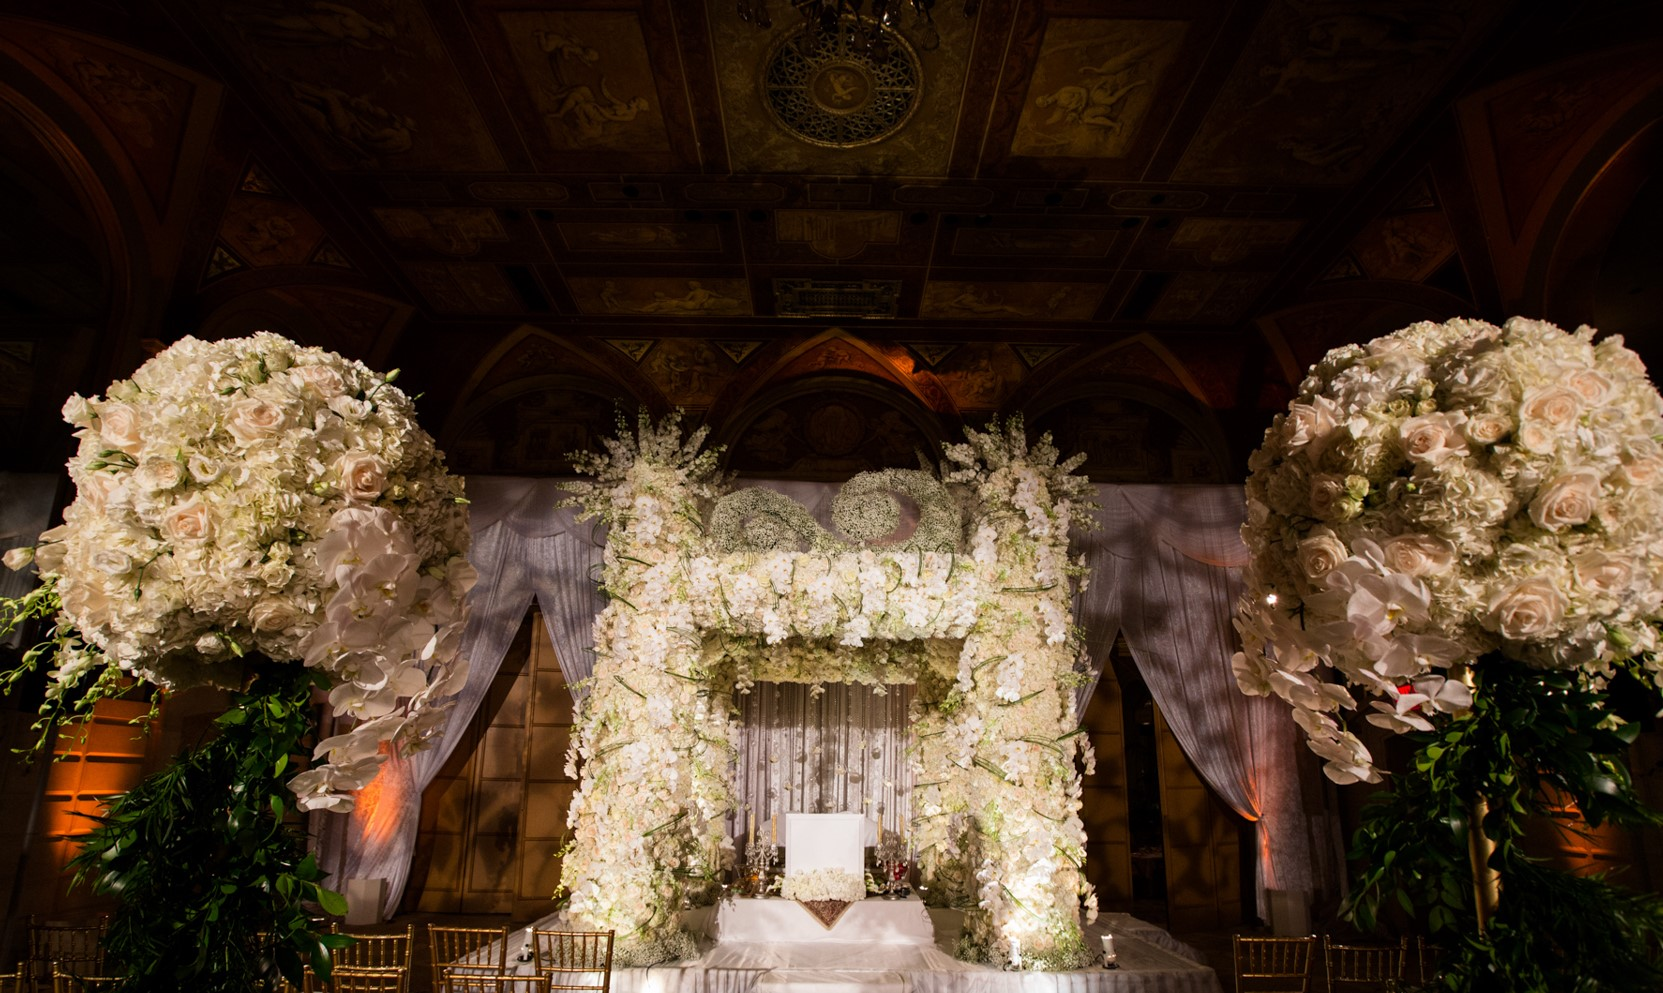 Amazing floral wedding chuppah